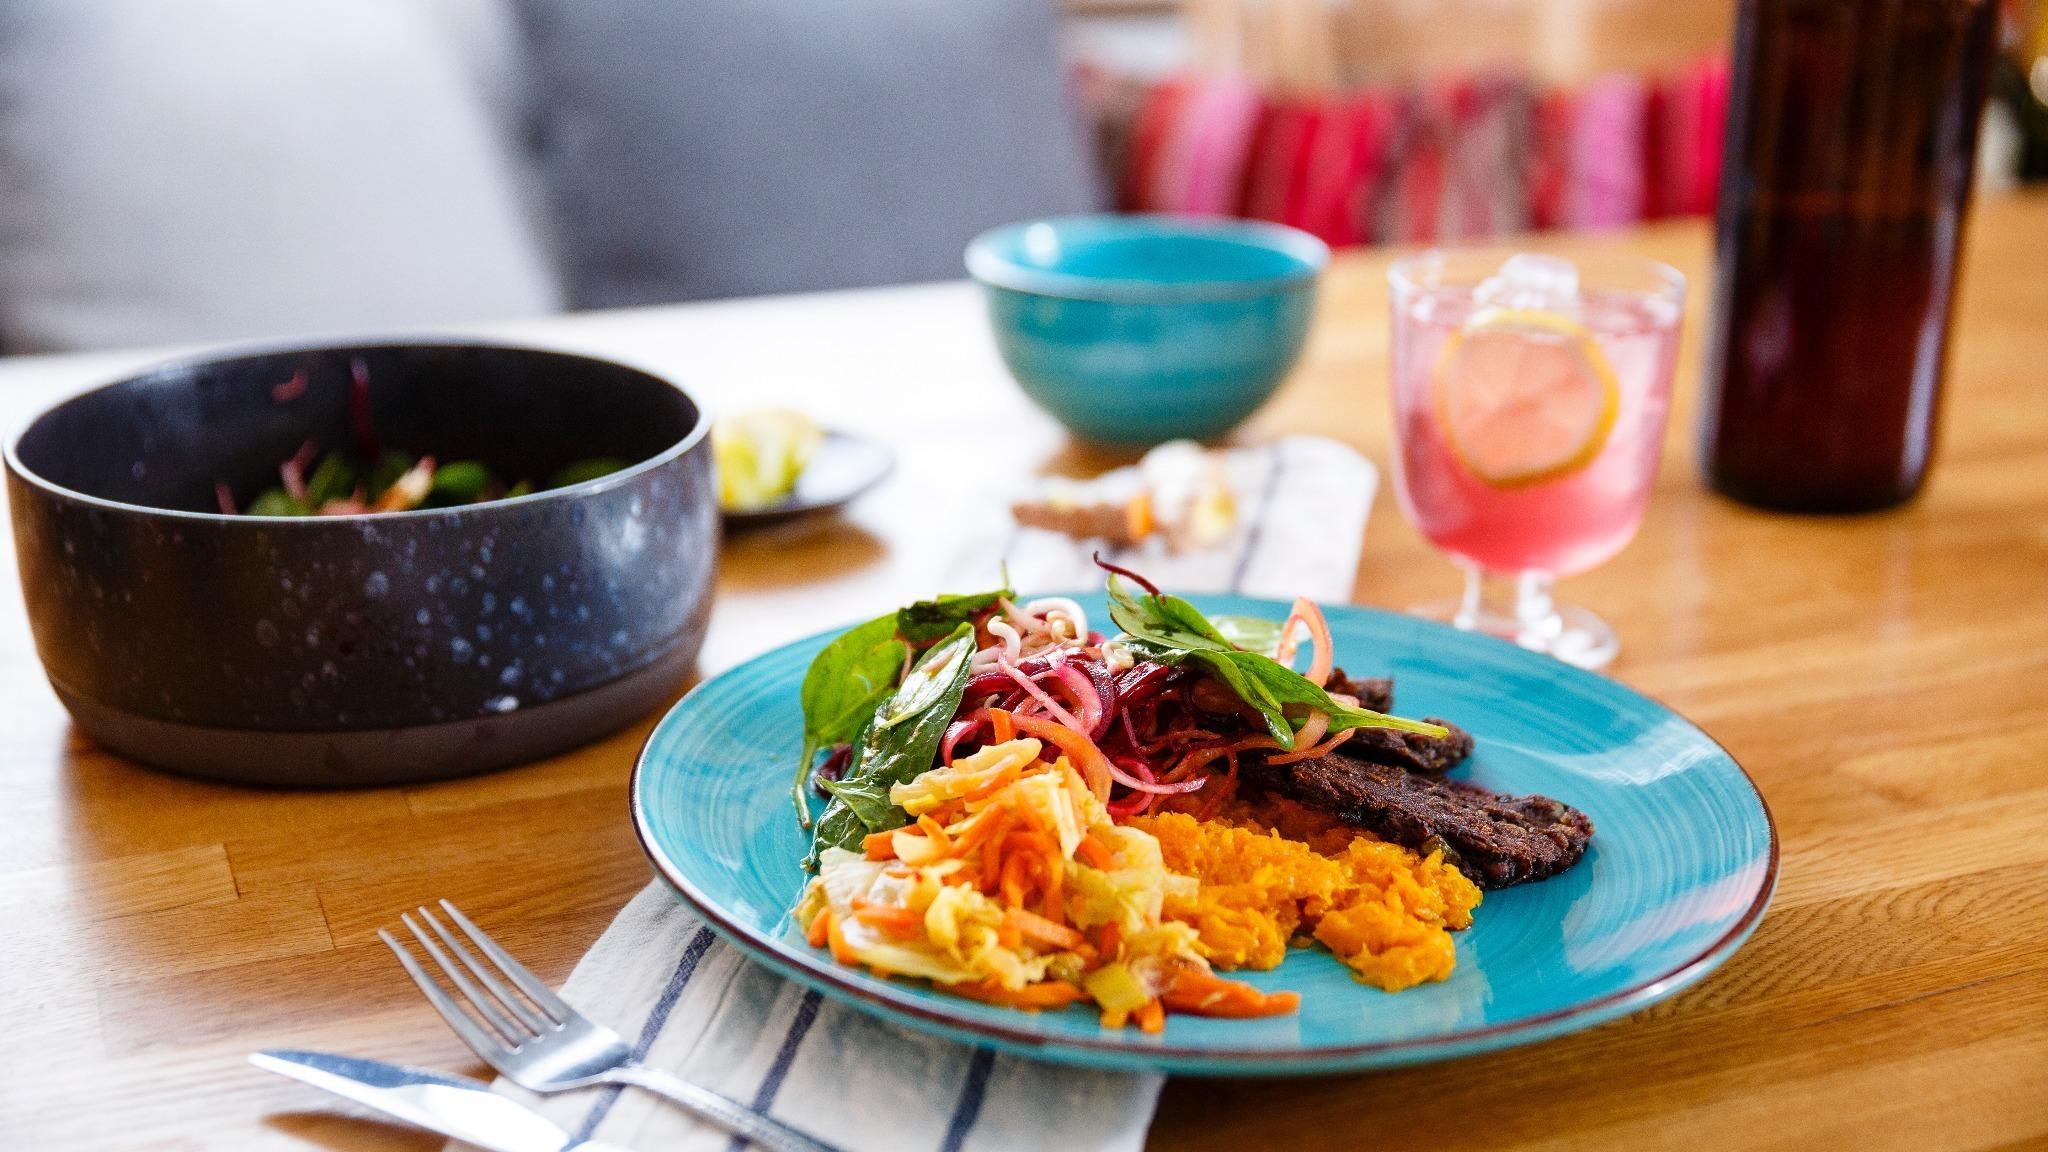 maträtt uppdukad på bord med bestick, glas, servett och tillbehör.